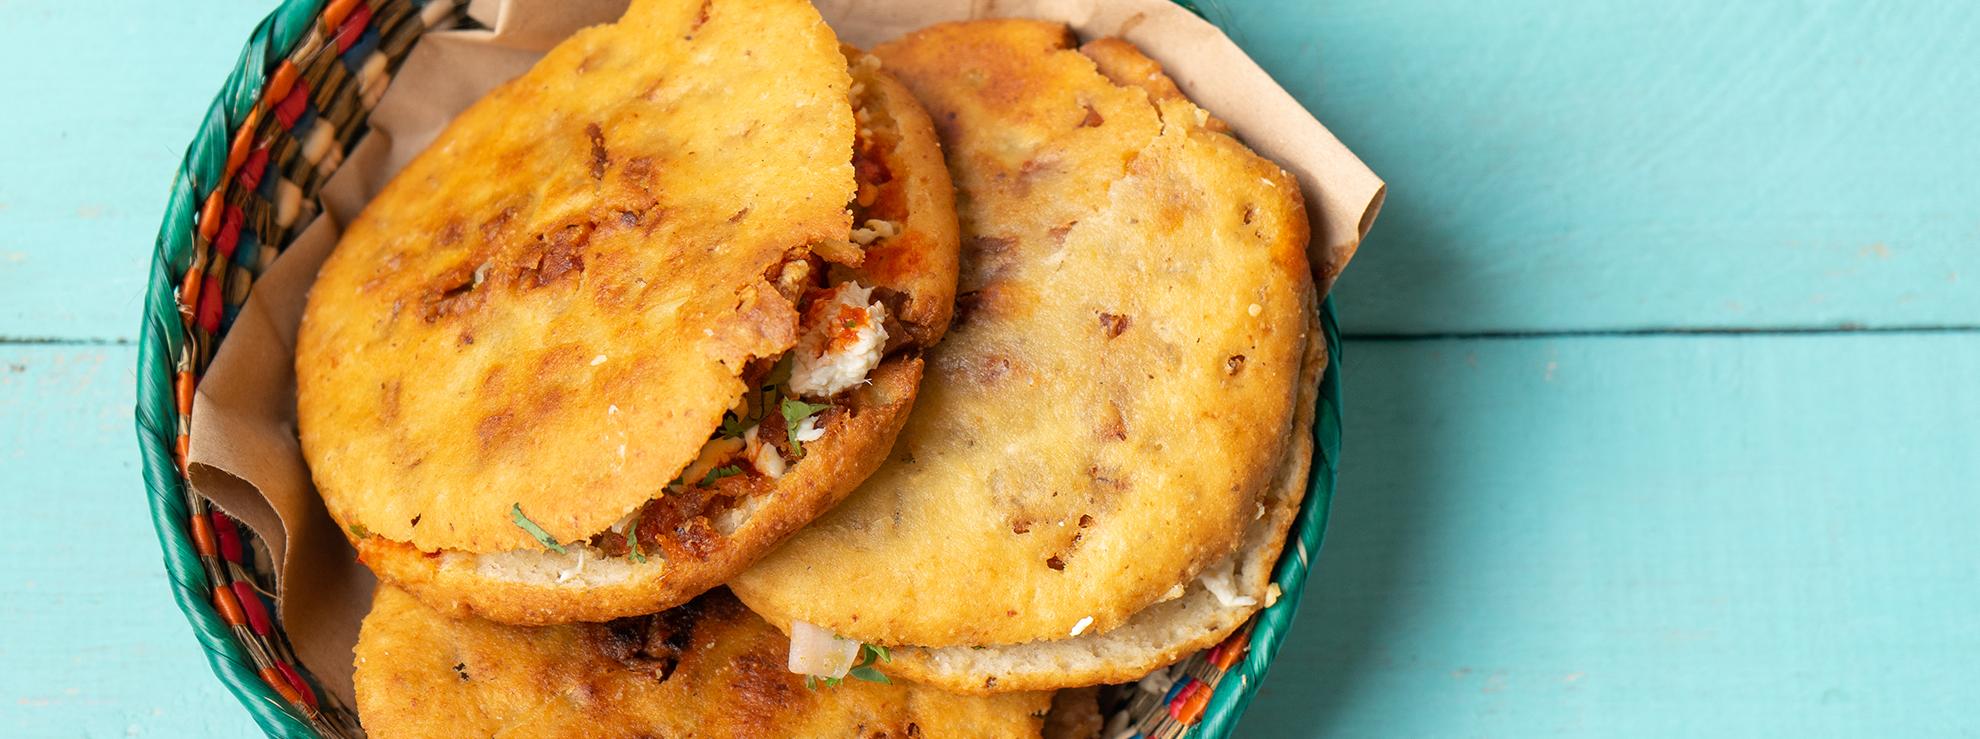 Maseca Centroamérica - El mejor maíz de esta tierra